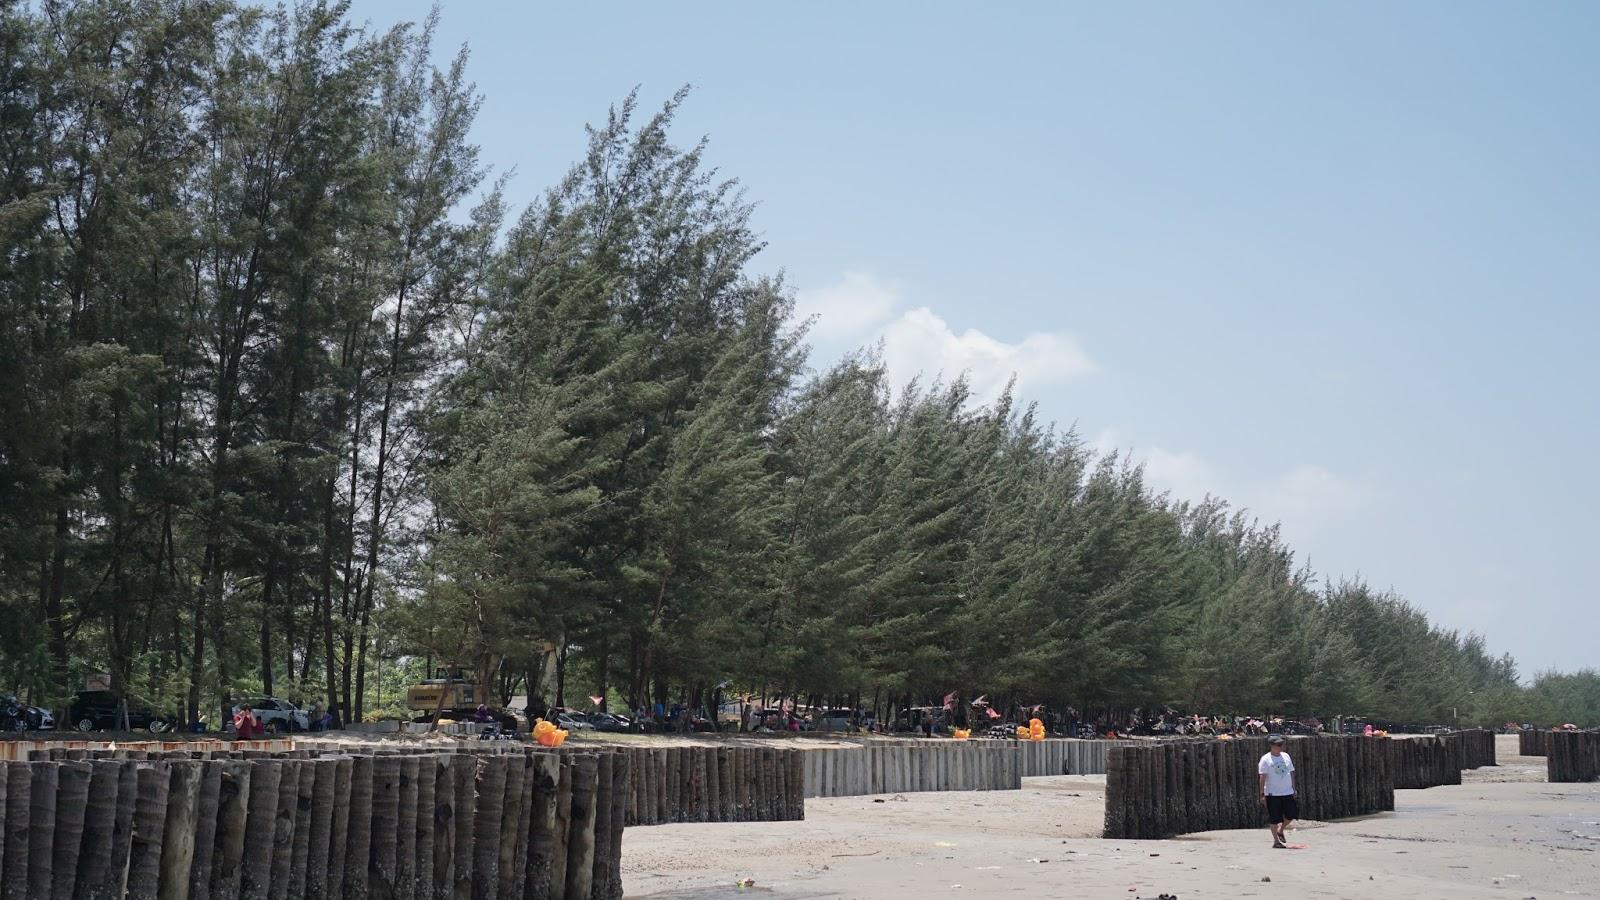 5 Tempat Wisata Pantai Kalimantan Timur Yang Menarik